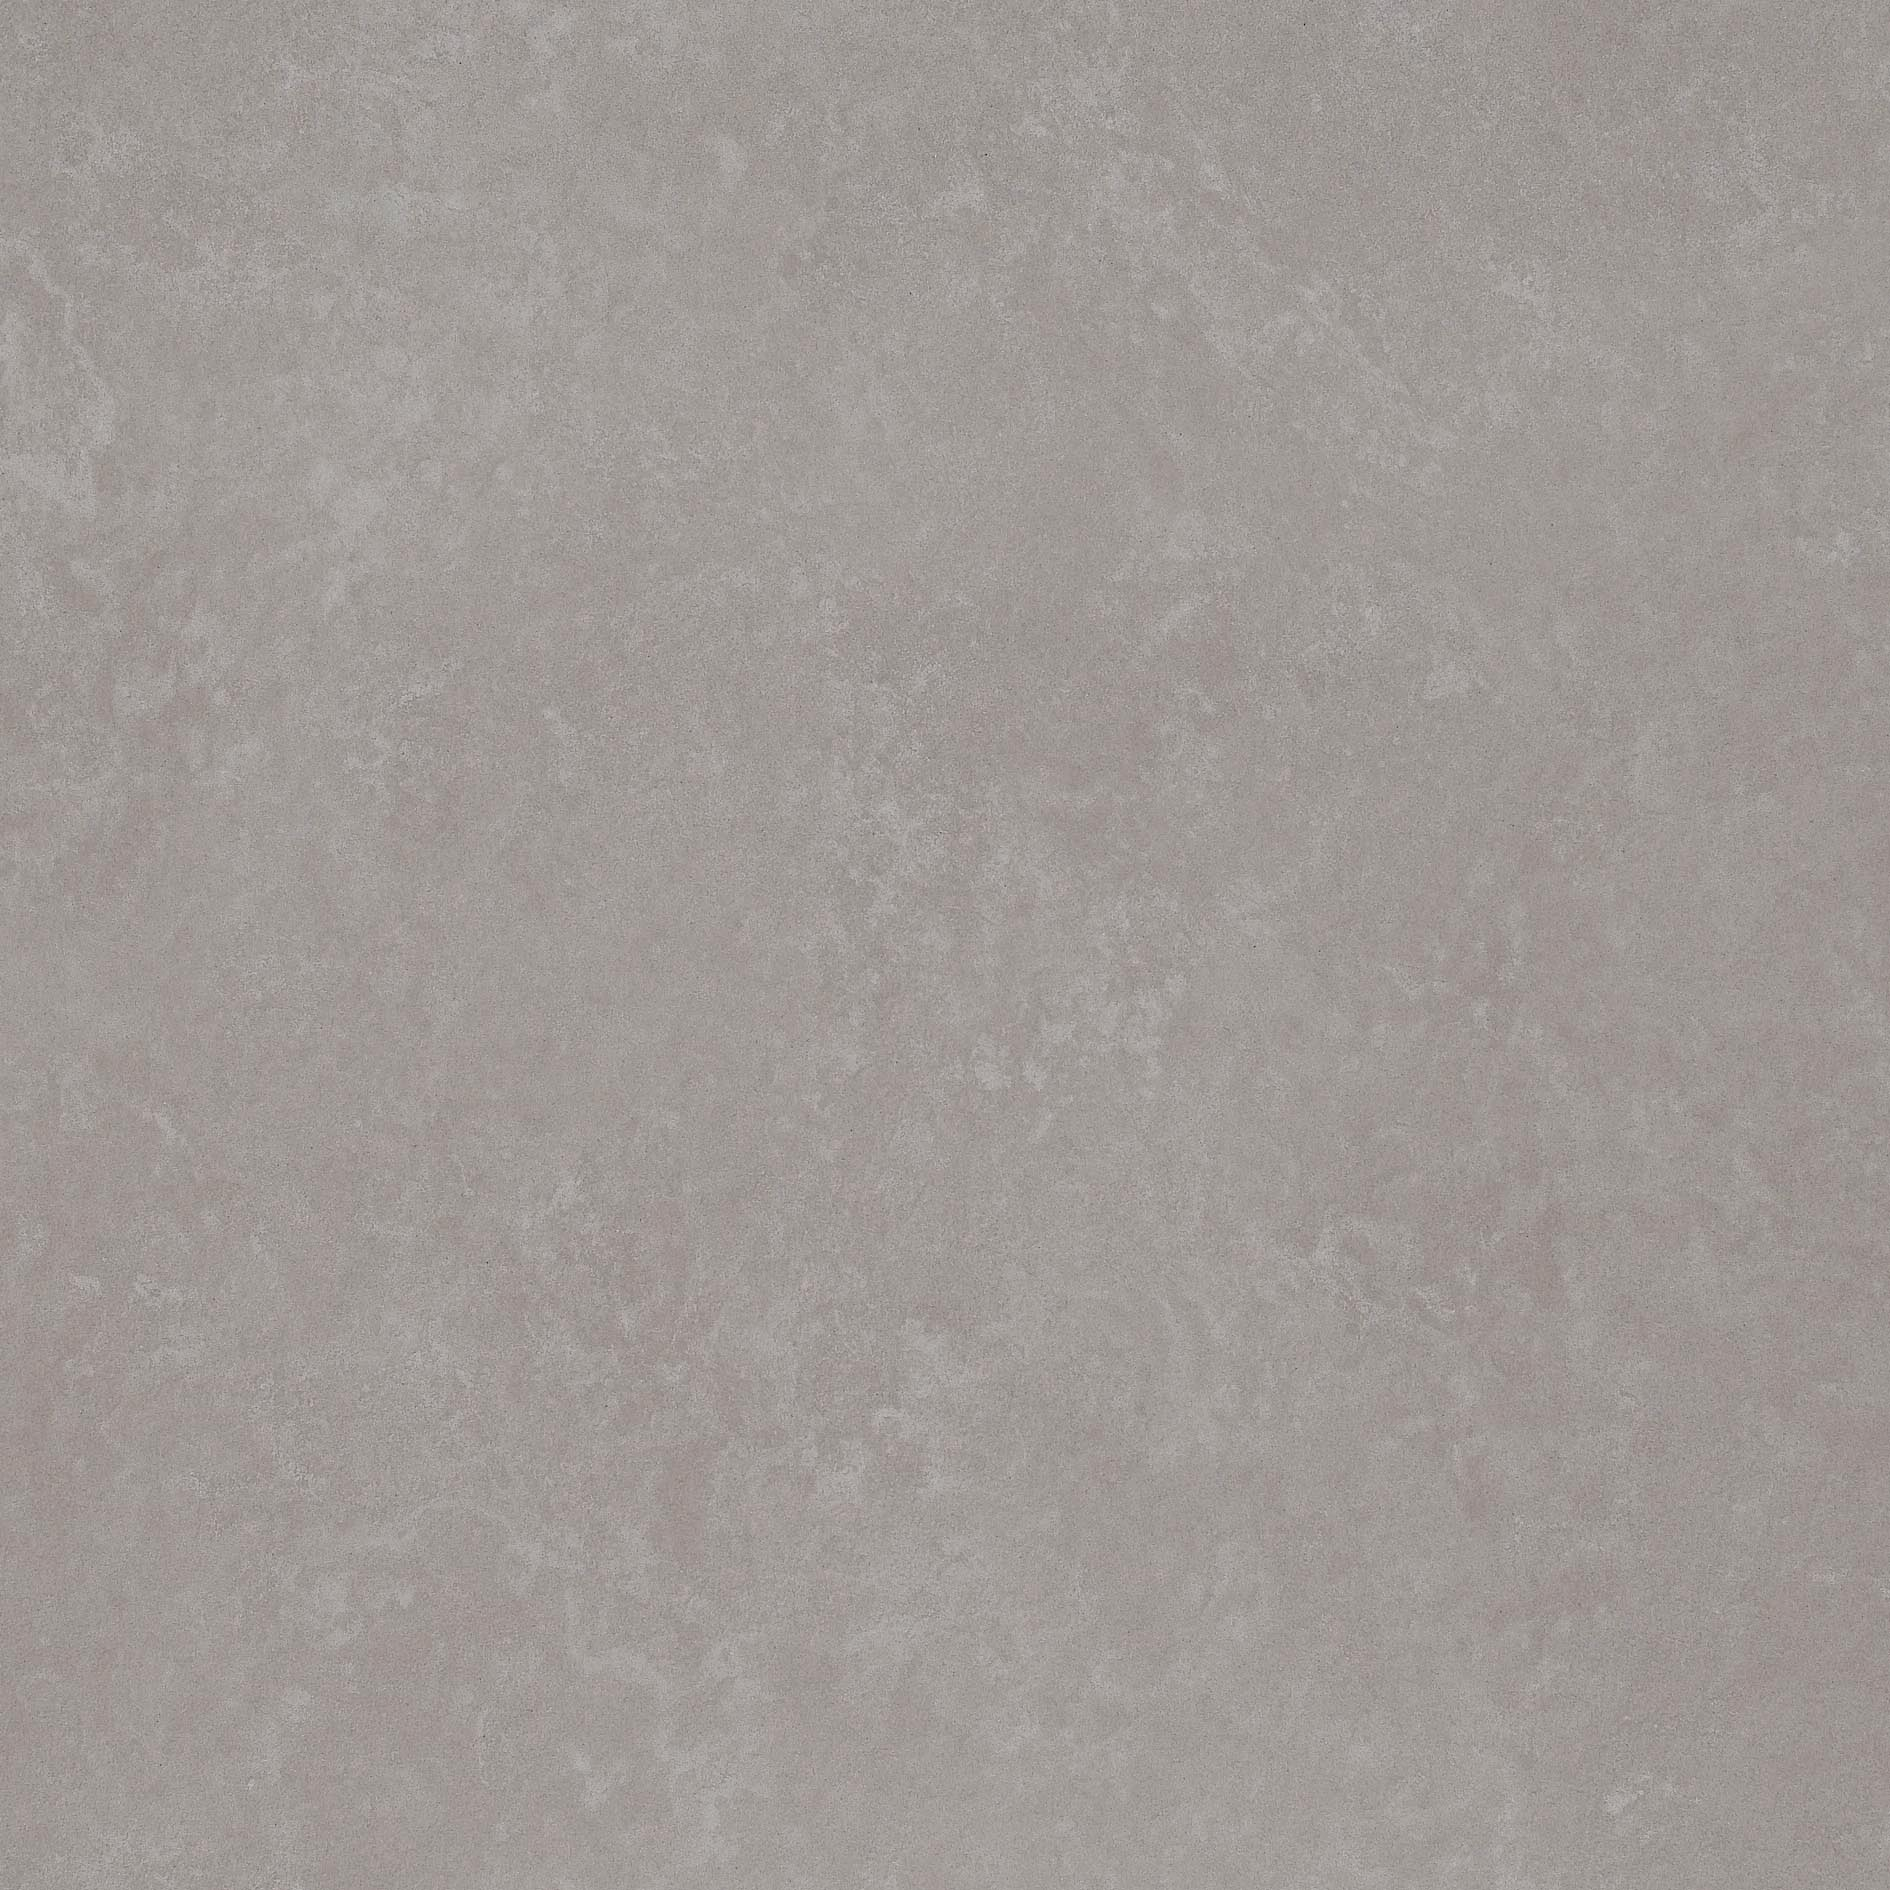 欧式窗台大理石贴图